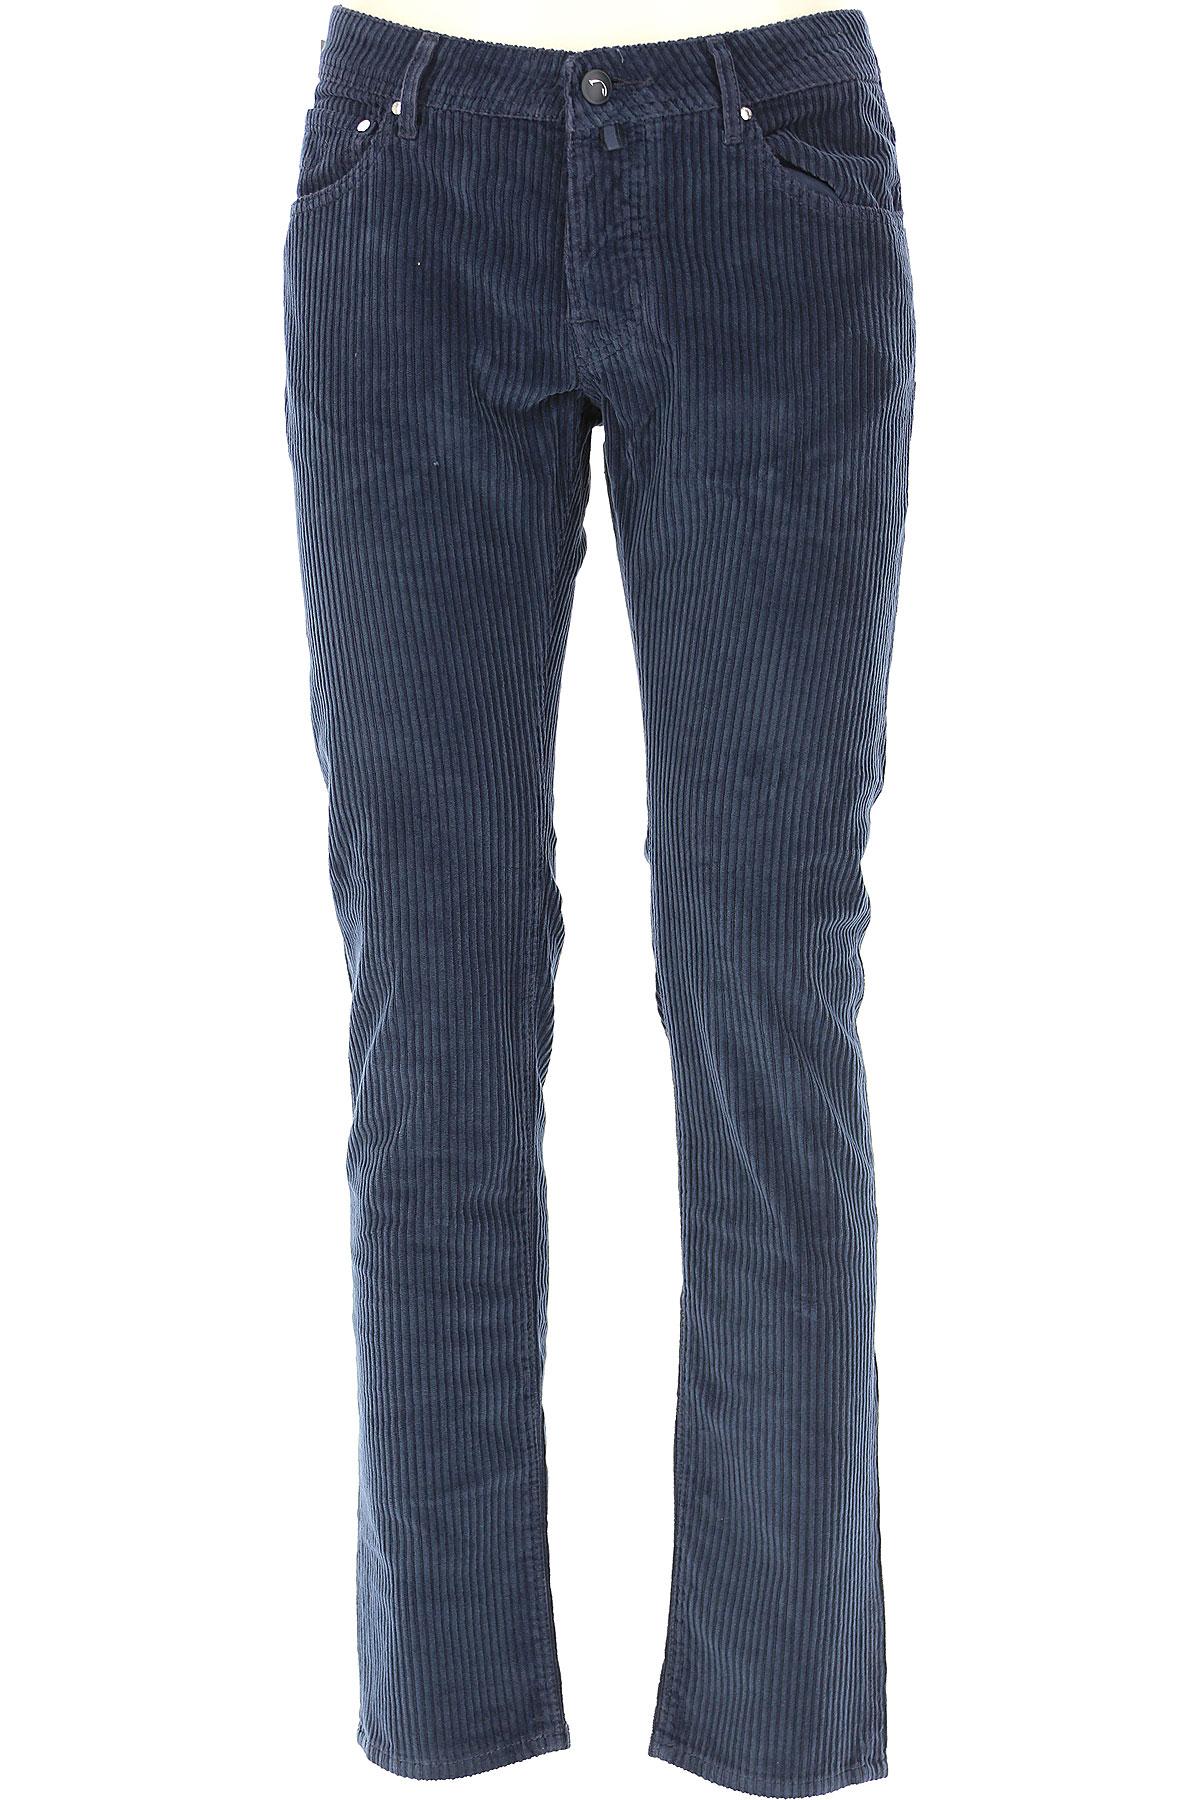 Jacob Cohen Jeans On Sale, Blue Navy, Cotton, 2019, 31 32 33 36 38